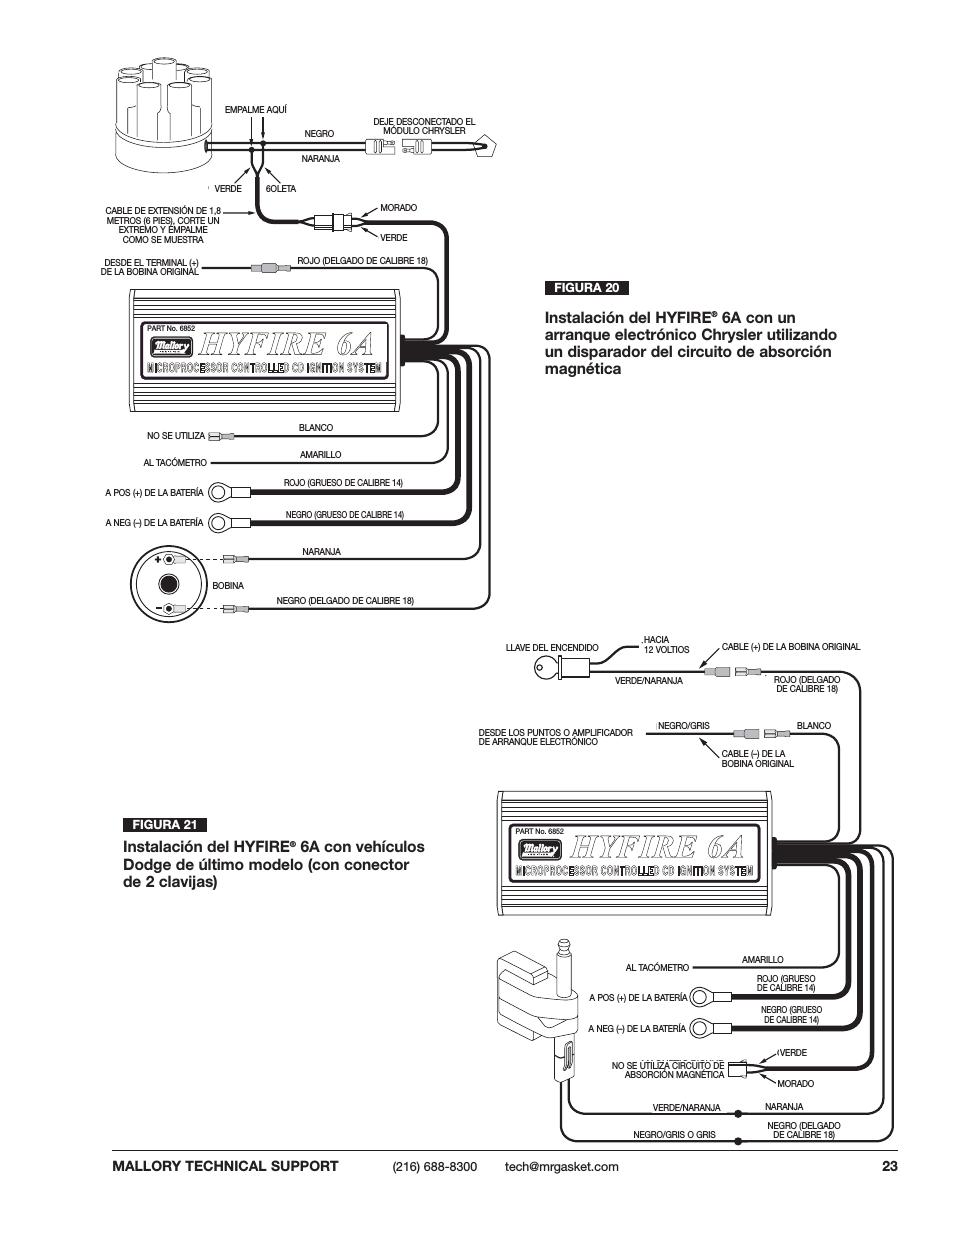 DIAGRAM] Mallory Hyfire Wiring Diagram For Cj7 FULL Version HD Quality For  Cj7 - TASKDIAGRAM.ACCADEMIA-ARCHI.ITAccademia degli archi